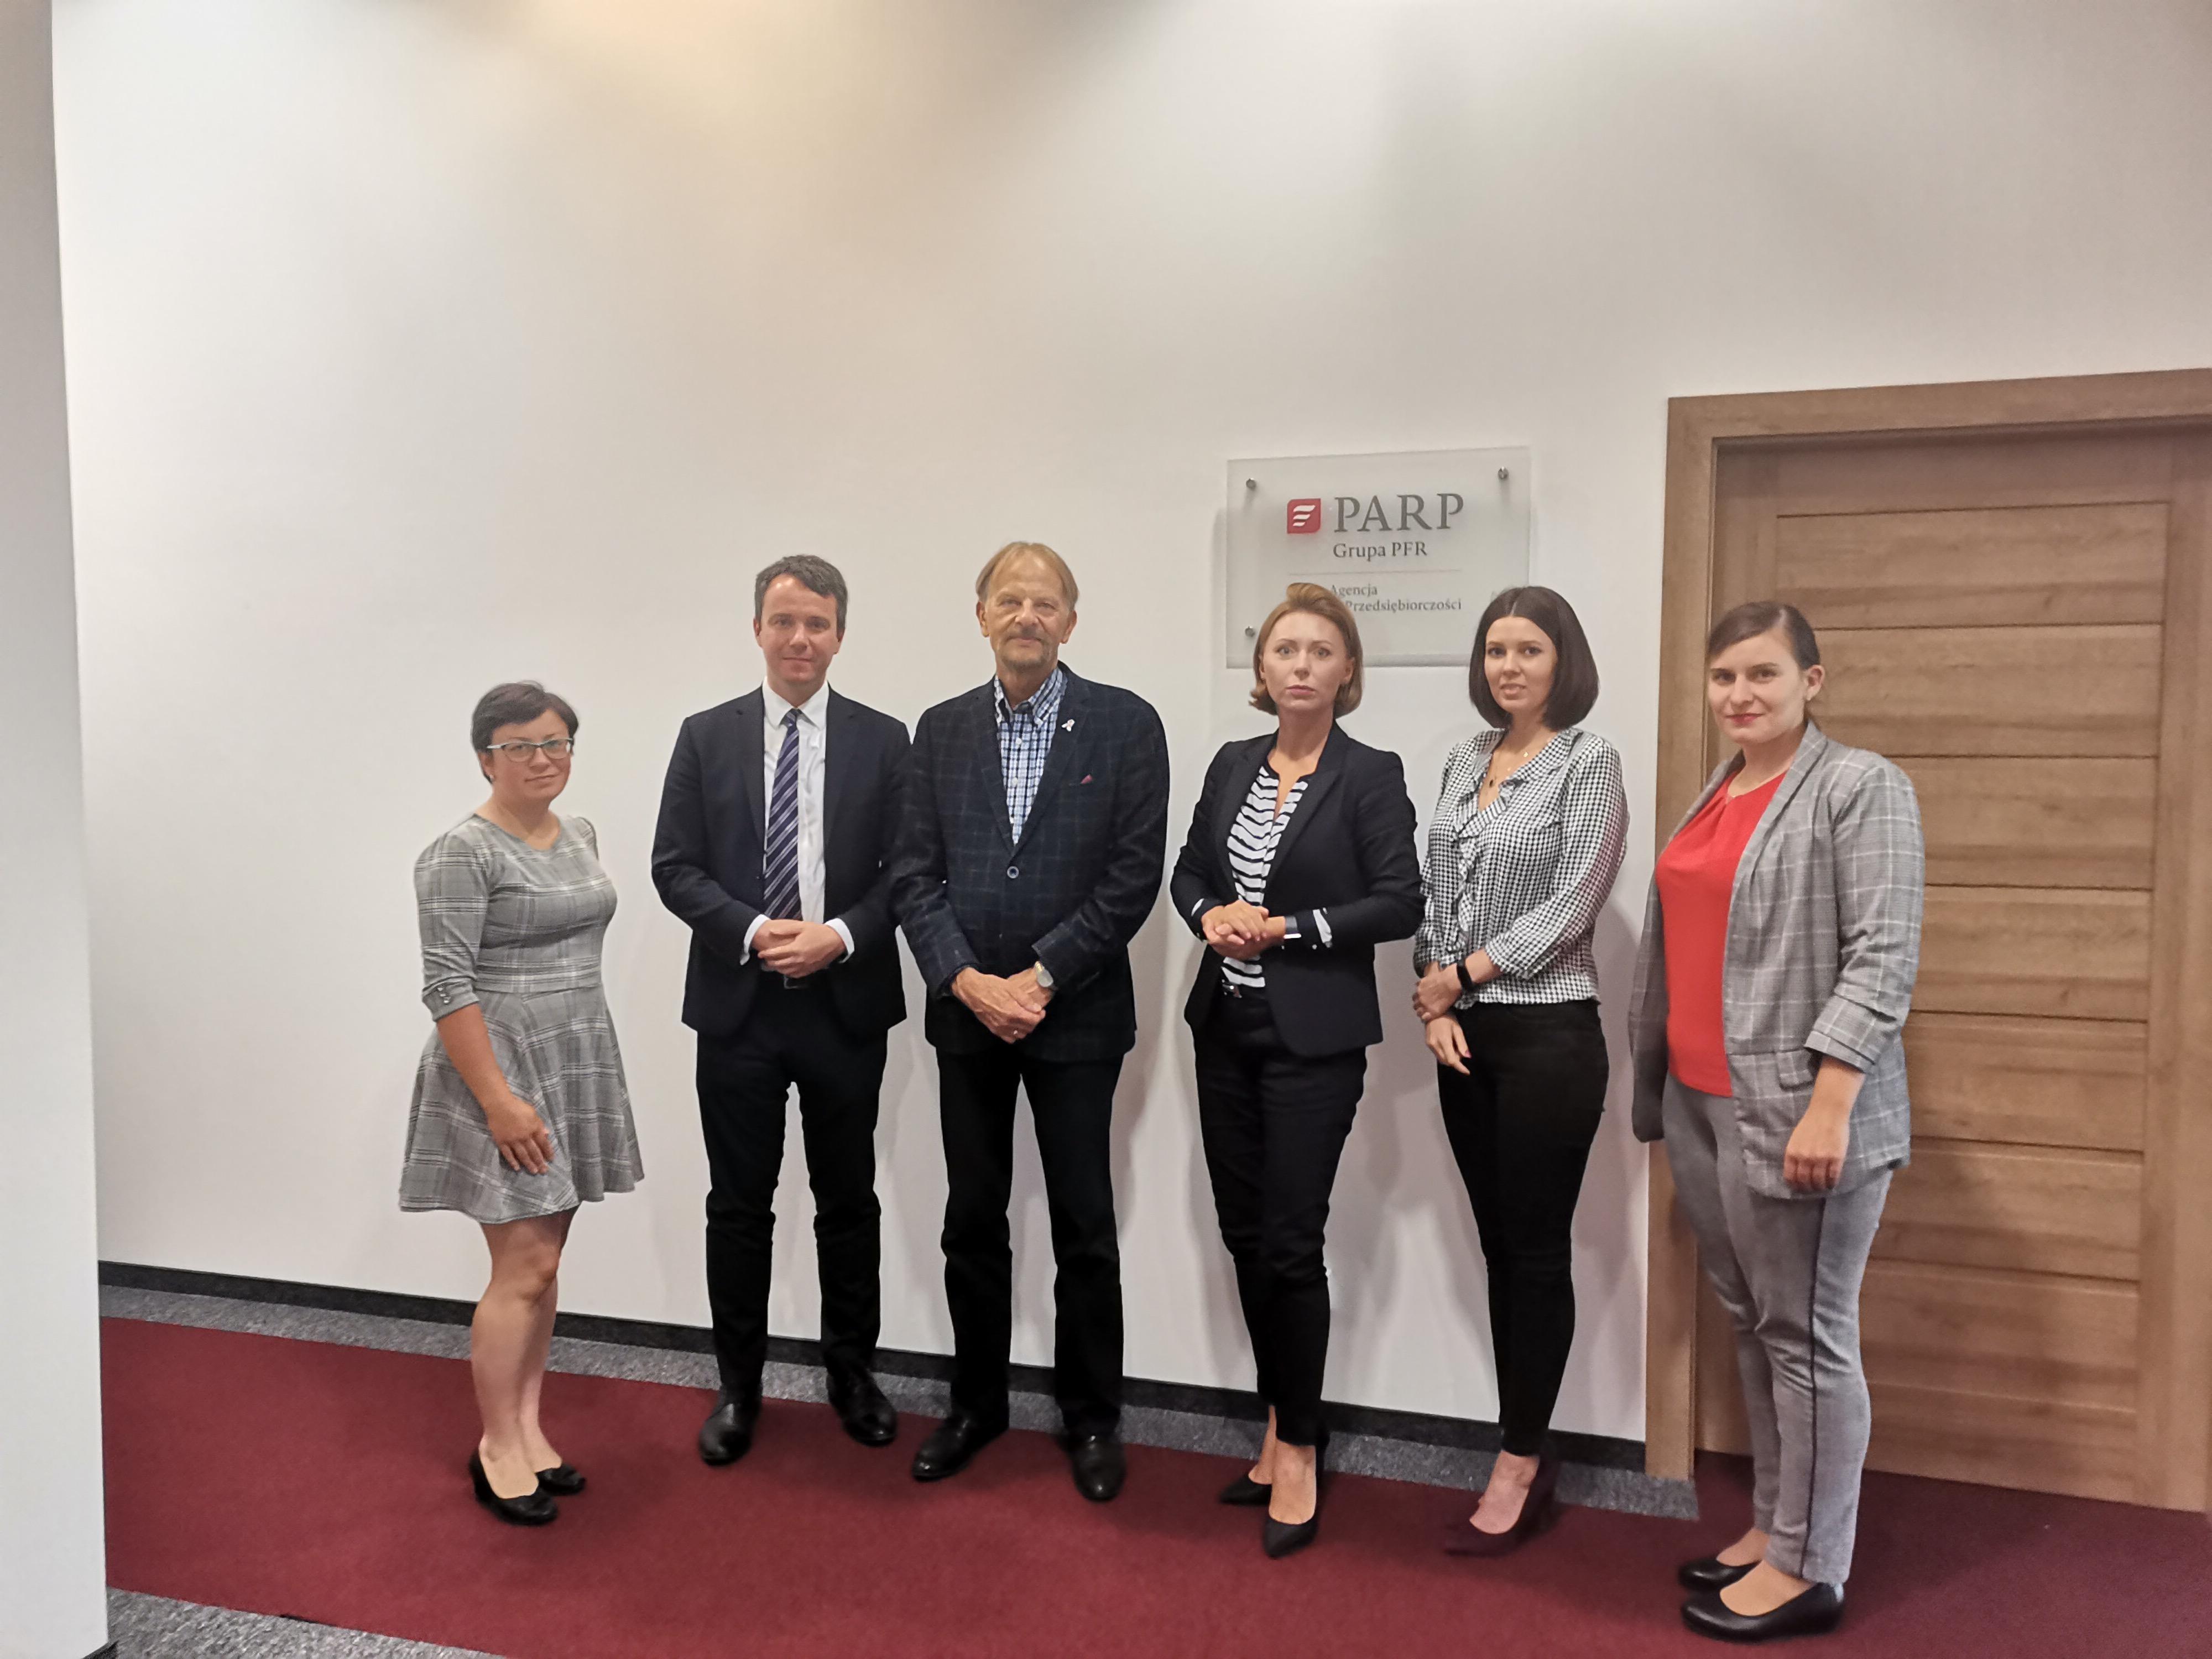 Regionalne Biuro PARP w Poznaniu będzie współpracować z Wielkopolskim Związkiem Pracodawców Lewiatan